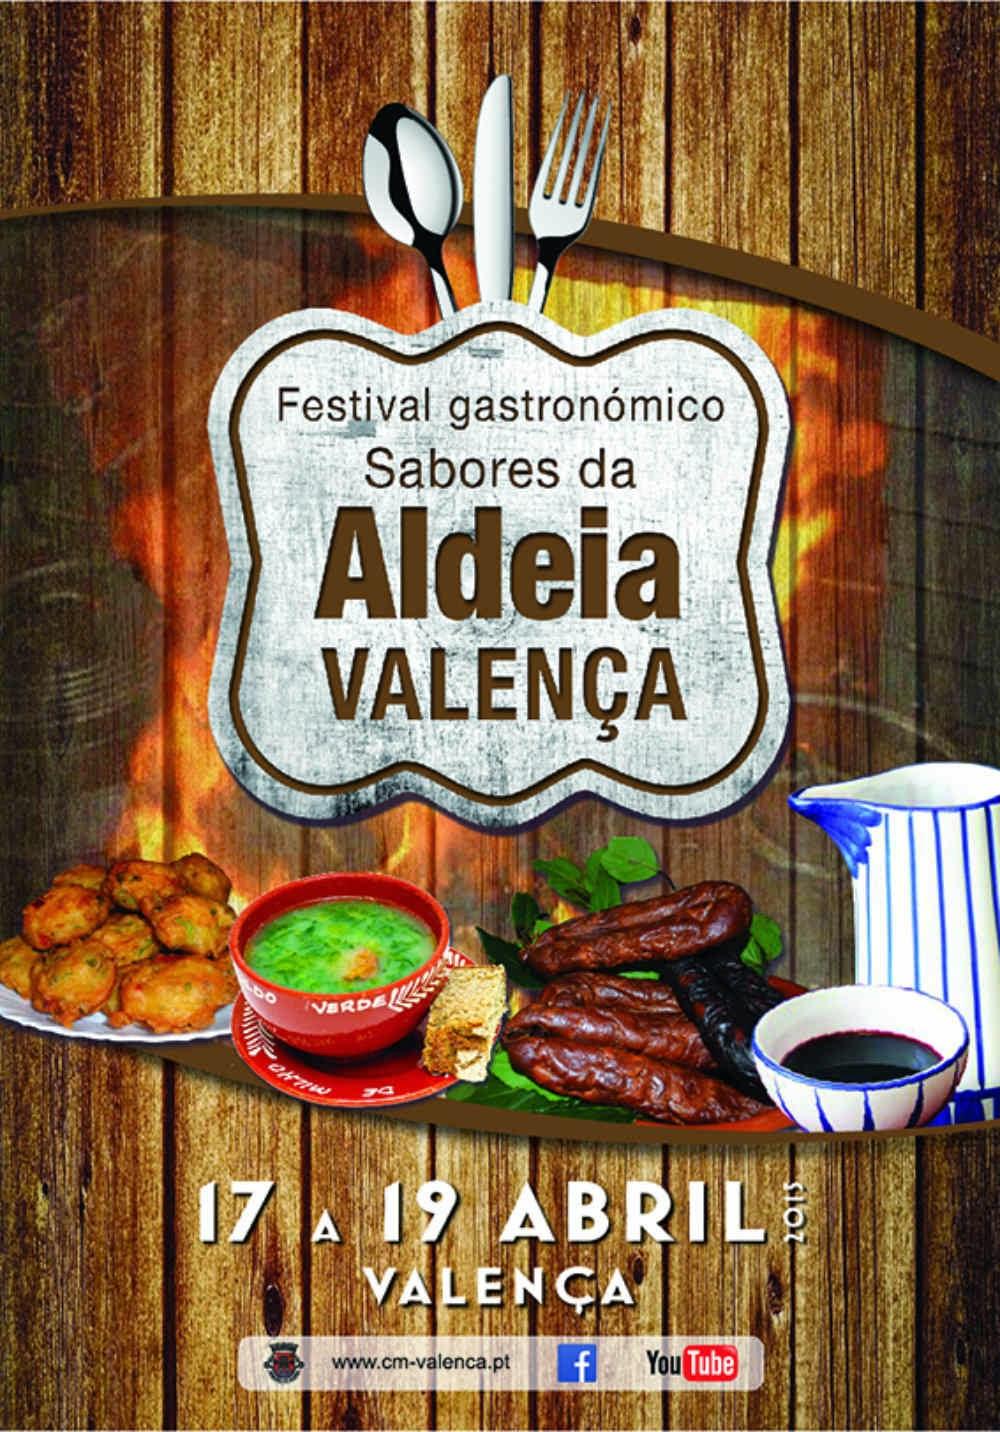 Festival Gastronómico Sabores da Aldeia - Valença